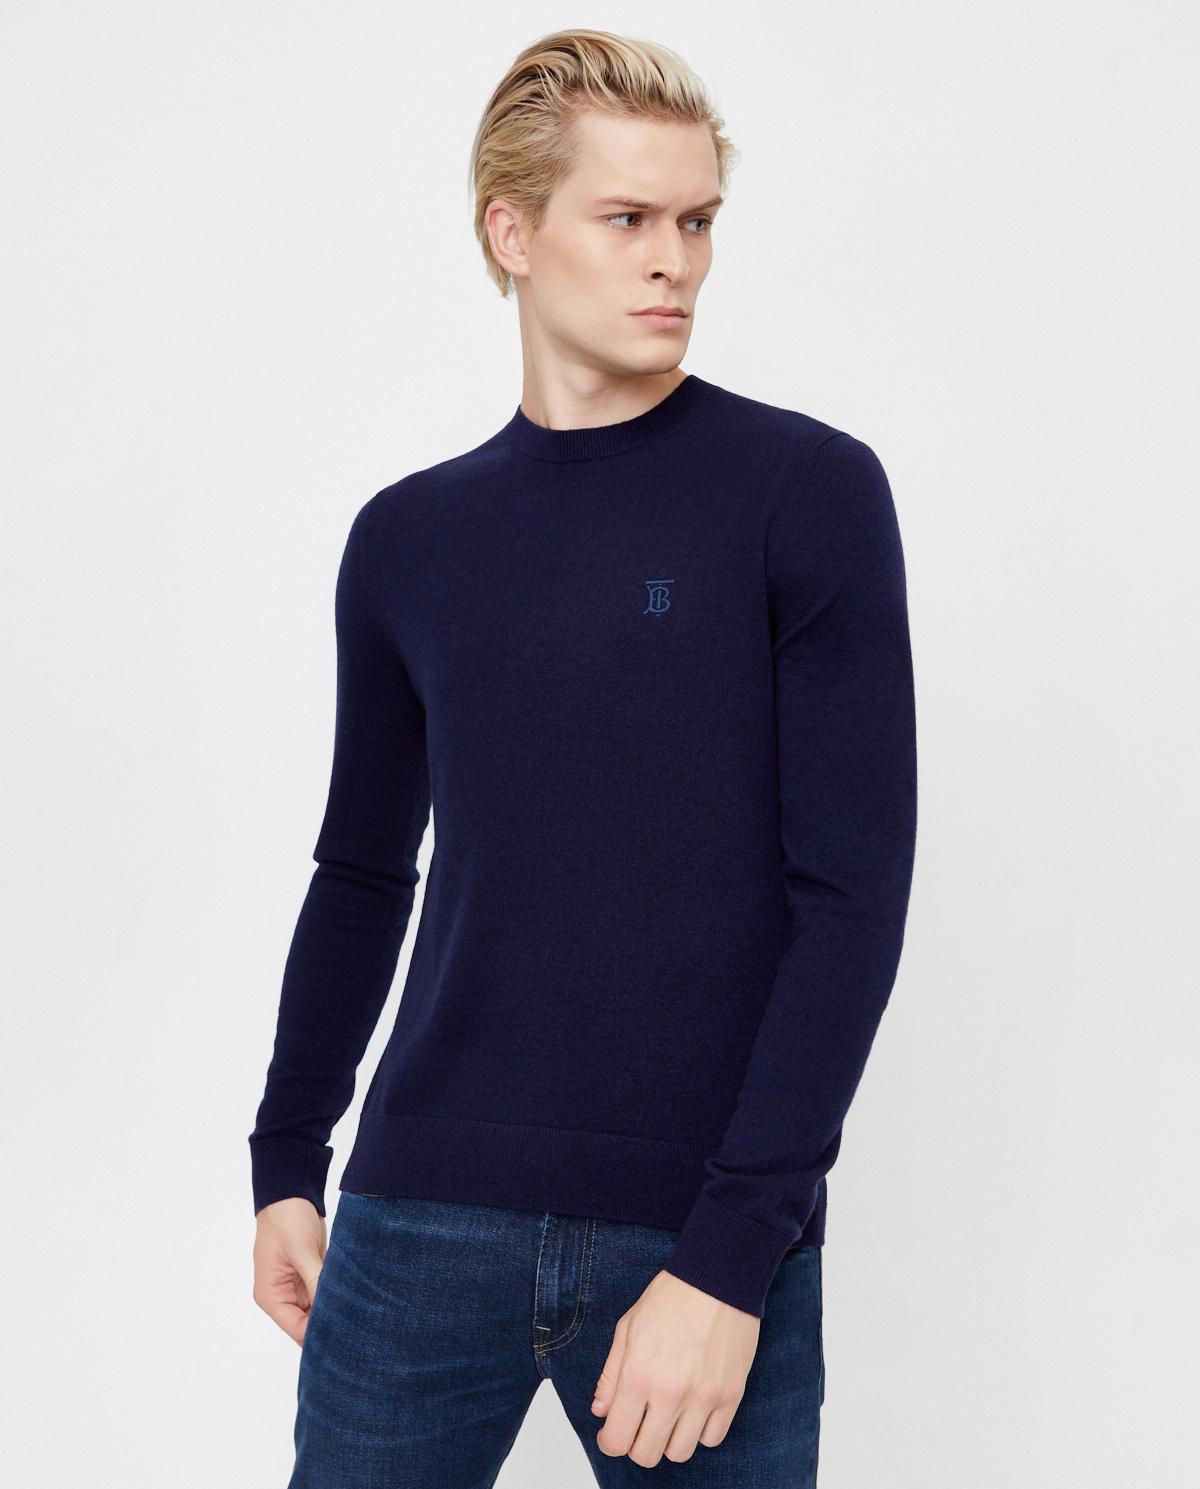 Granatowy sweter z kaszmiru Burberry M8032104 A1222